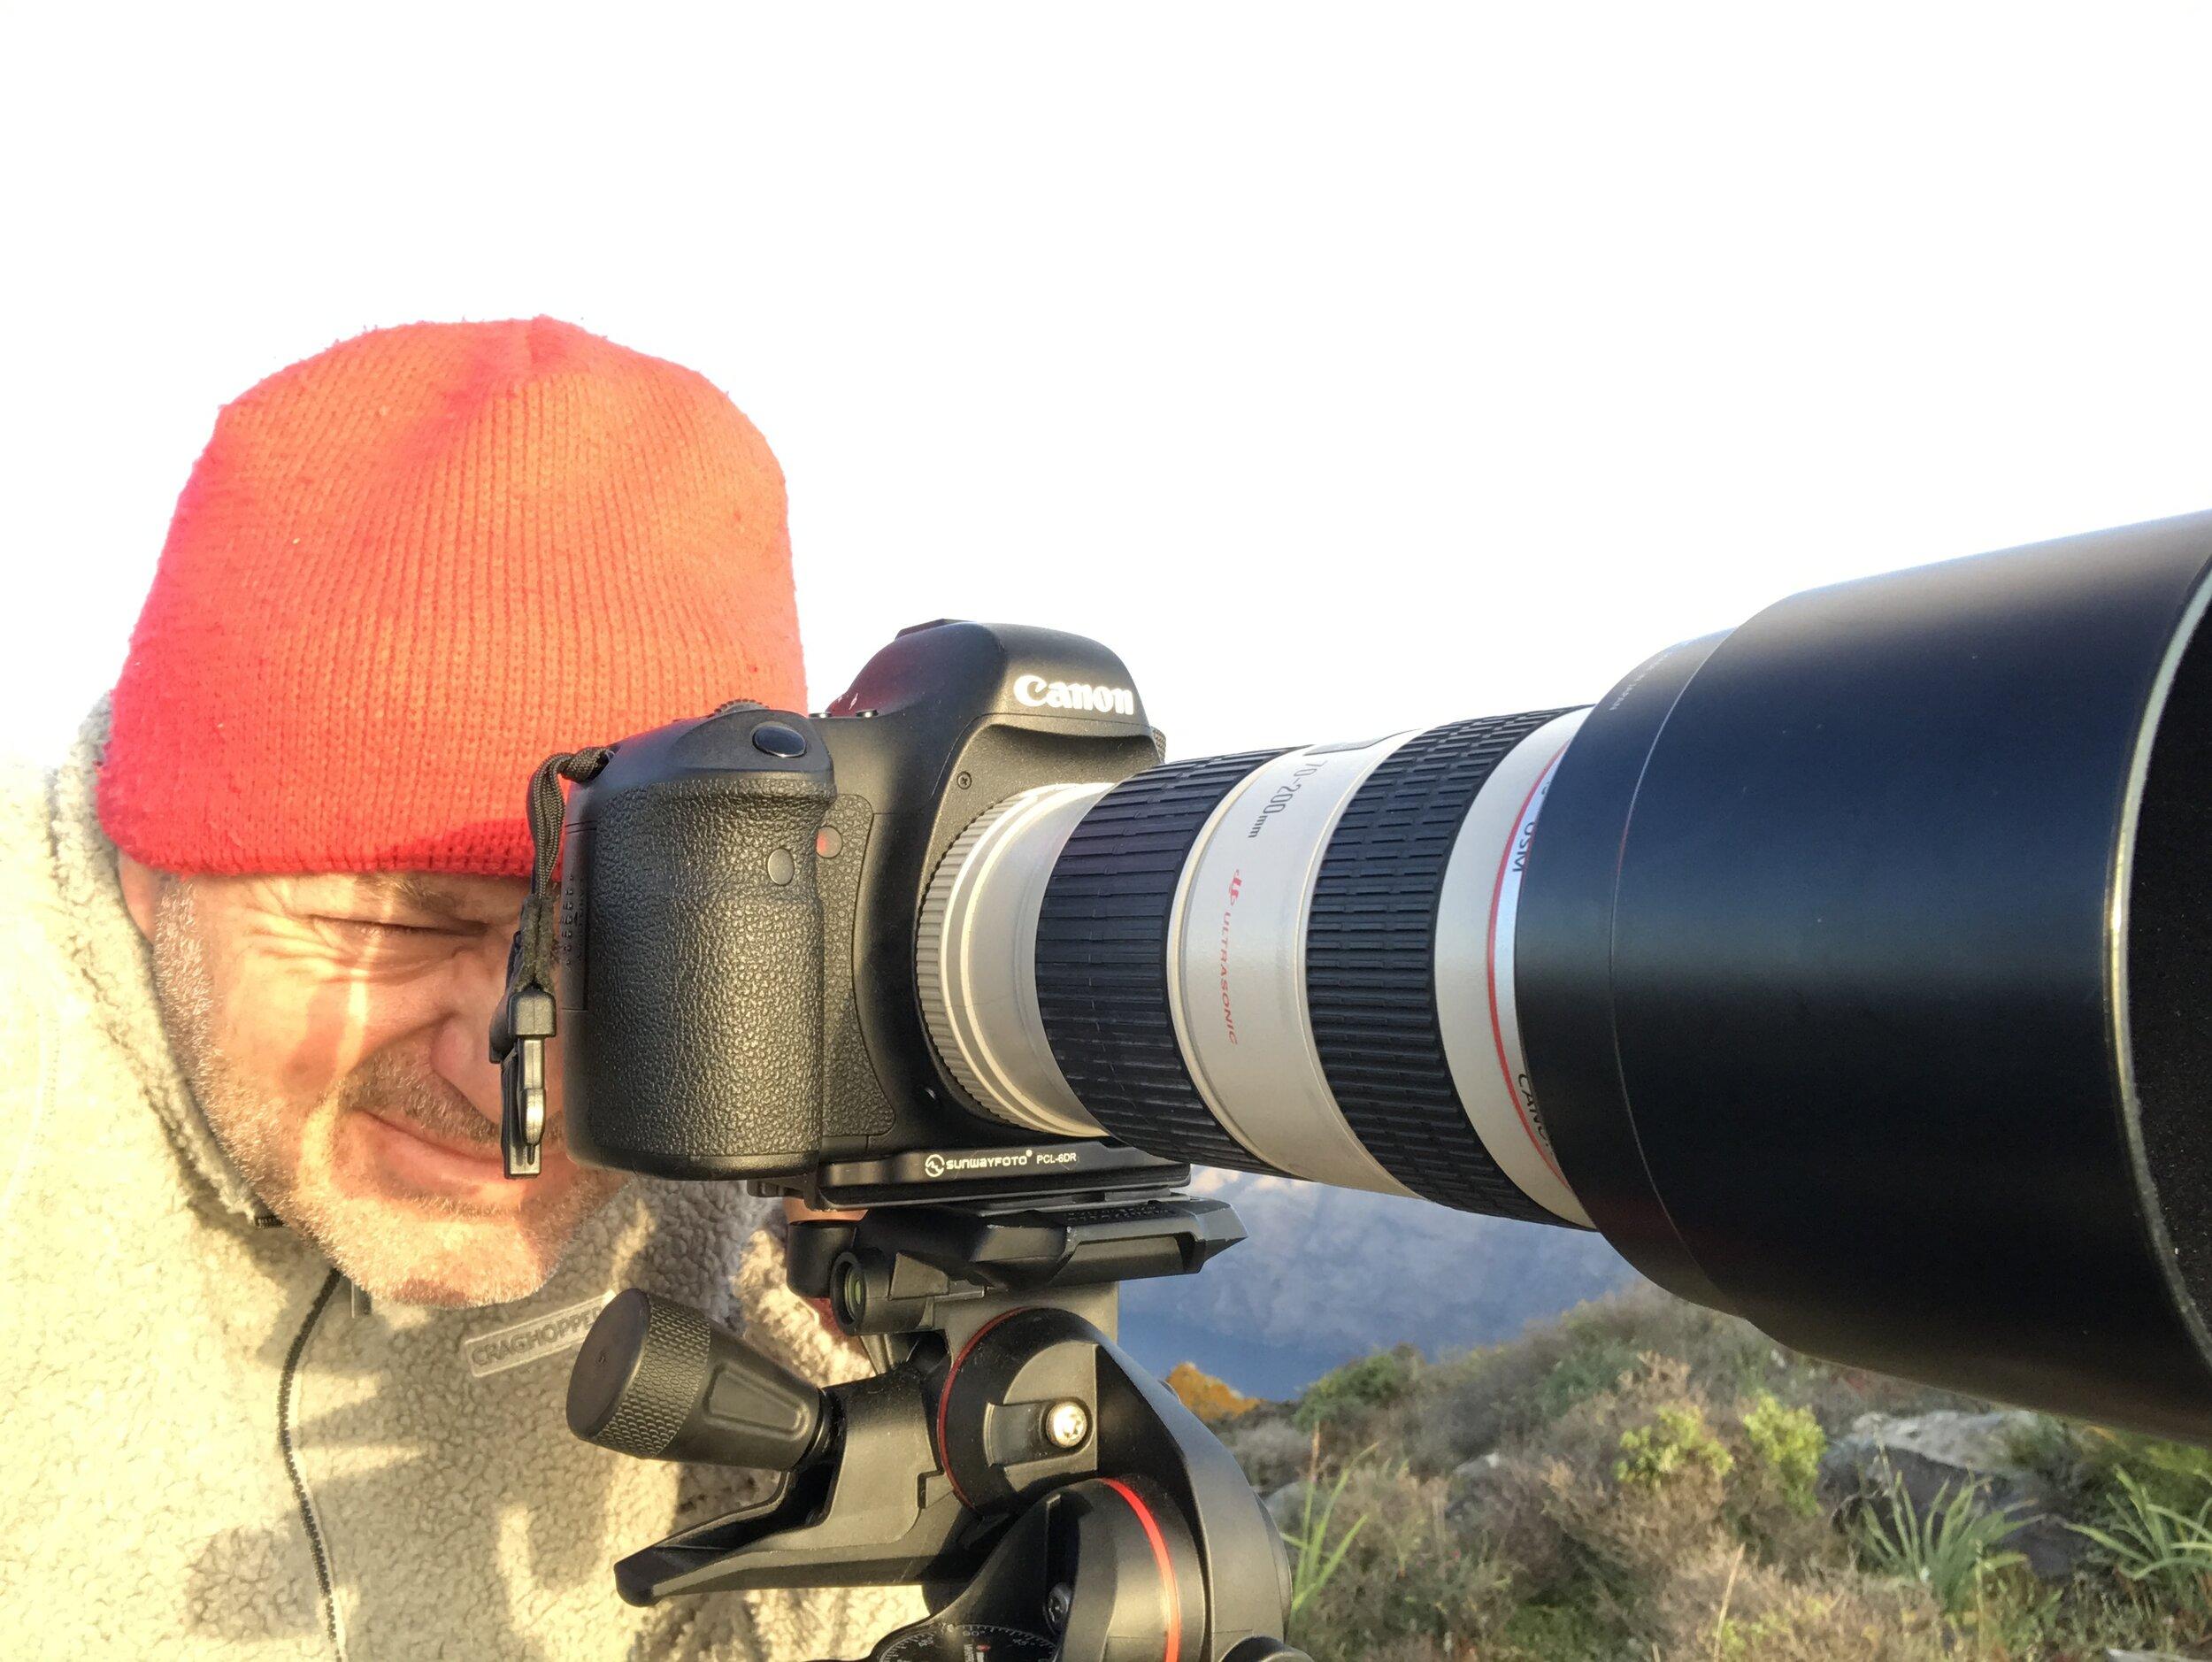 Me taking photos on Santorini